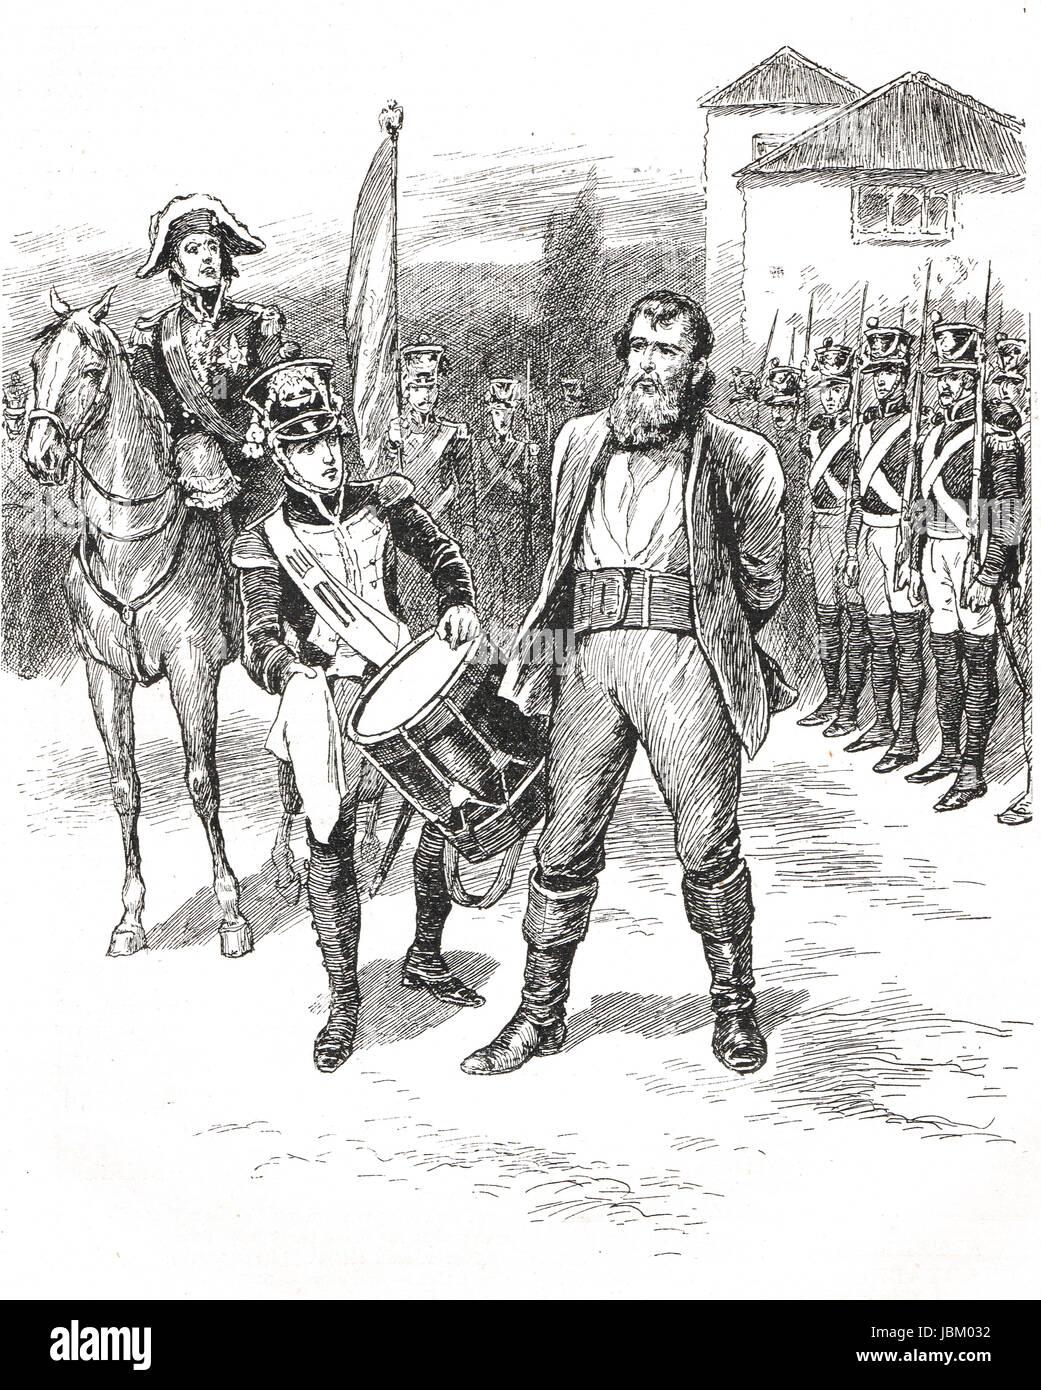 Hinrichtung von Andreas Hofer (Führer des Tiroler Aufstandes gegen die napoleonische Invasion) in Mantua, 1810 Stockbild